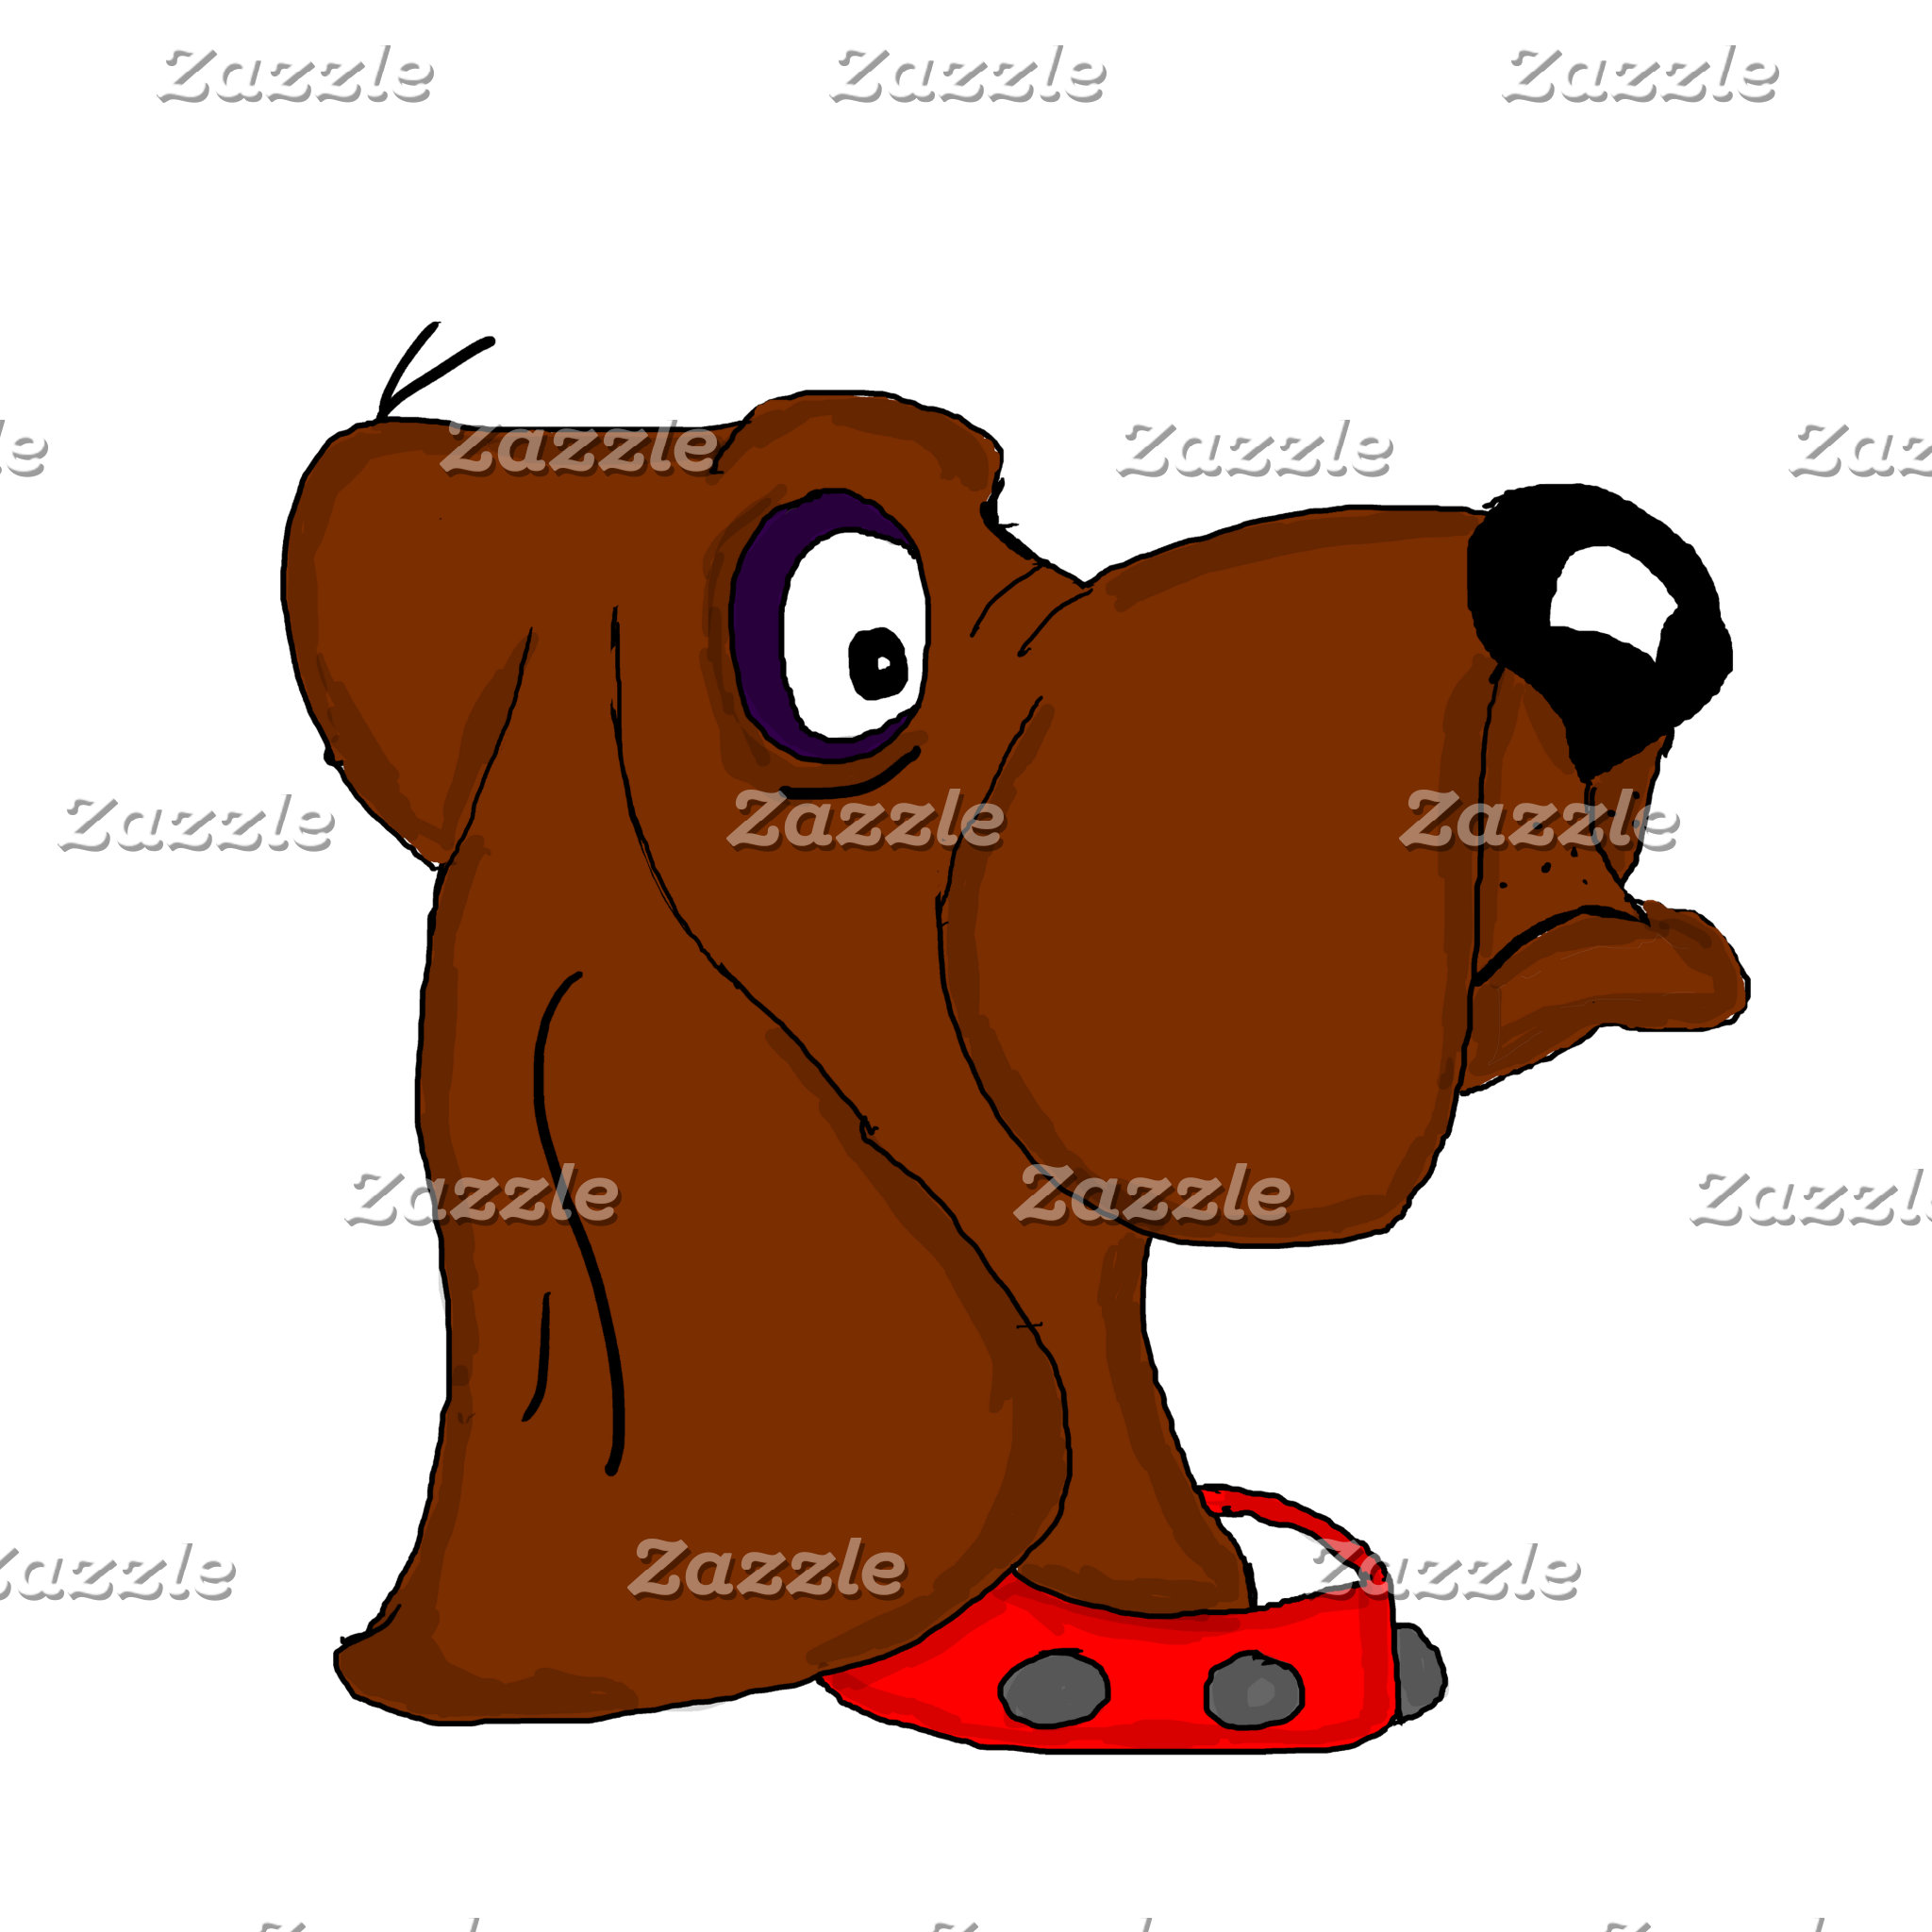 Blood hound